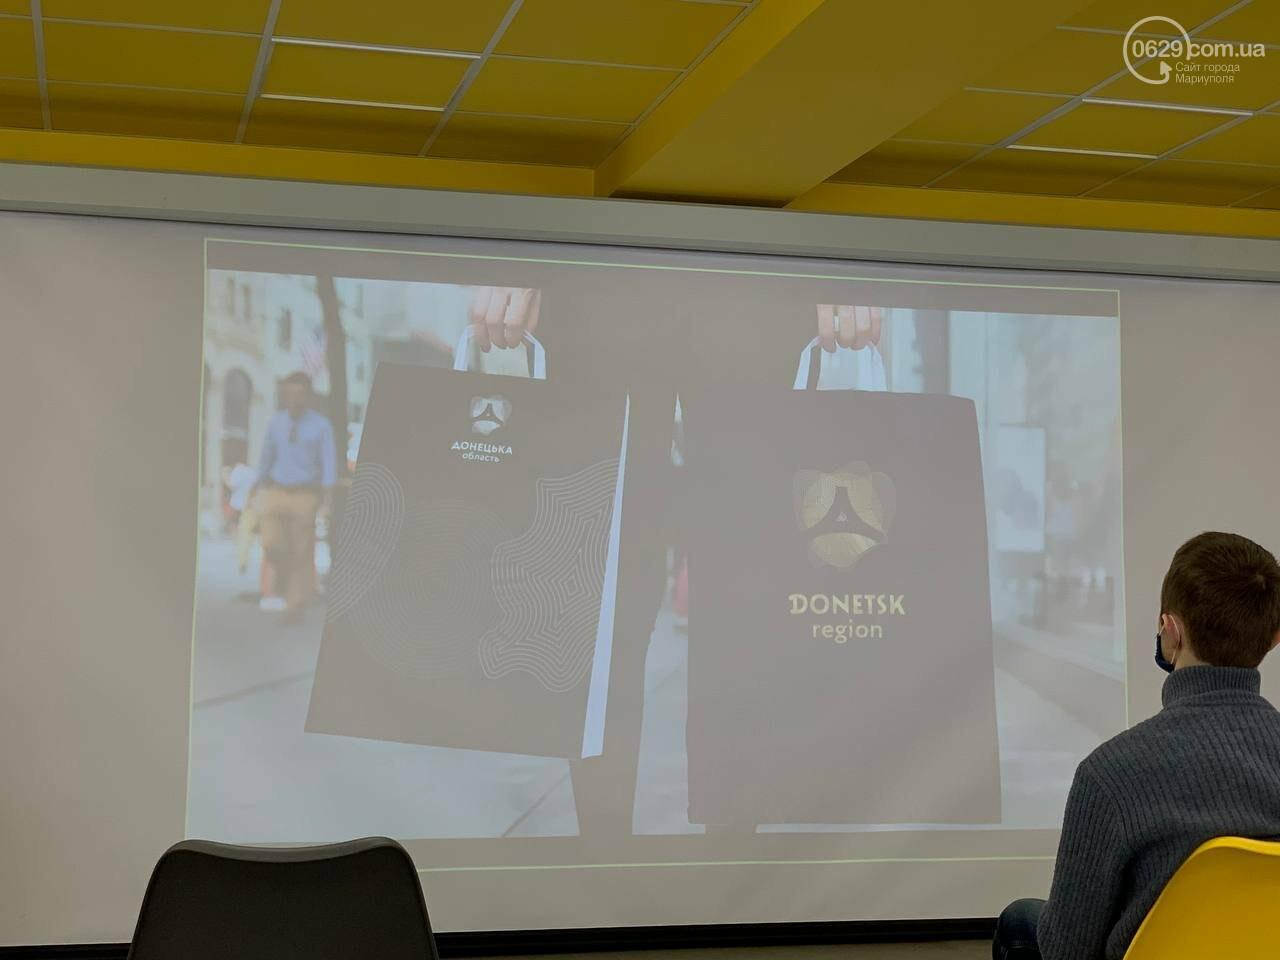 Гравюра чи ковила? У Маріуполі обирали новий бренд Донецької області, - ФОТО, фото-11